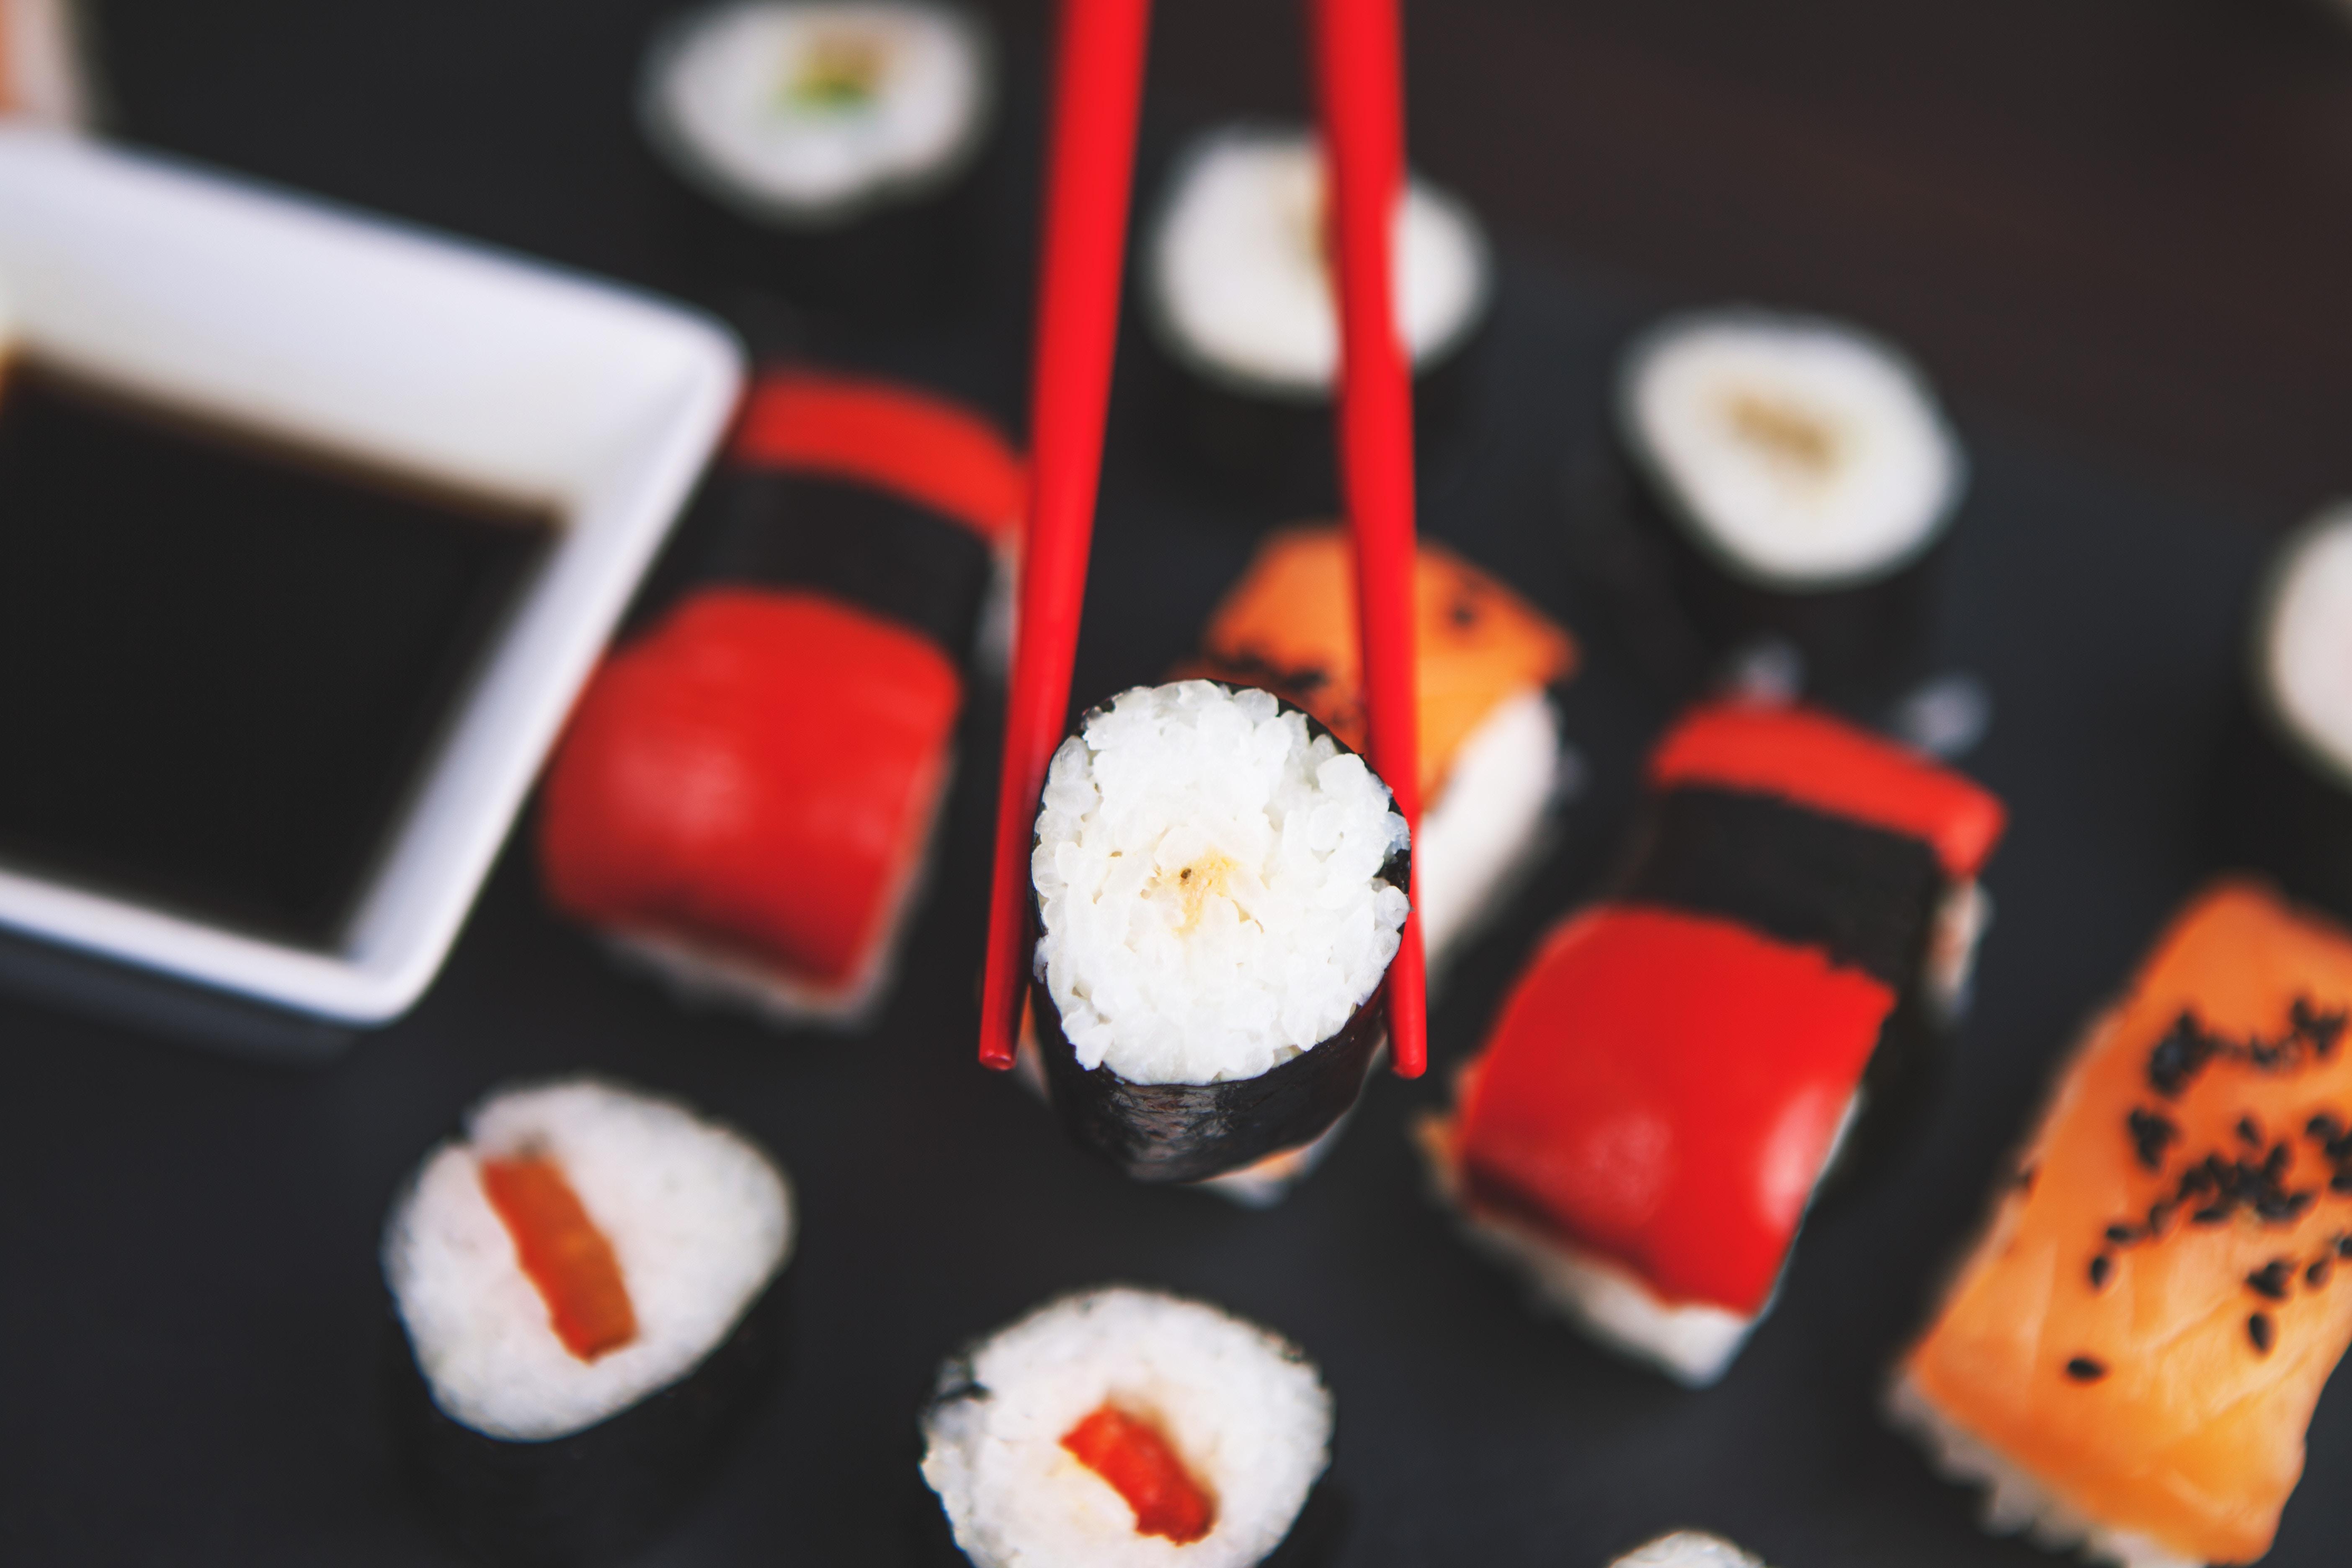 秋葉原で寿司!ランチにもおすすめの安いお店ランキングtop10!